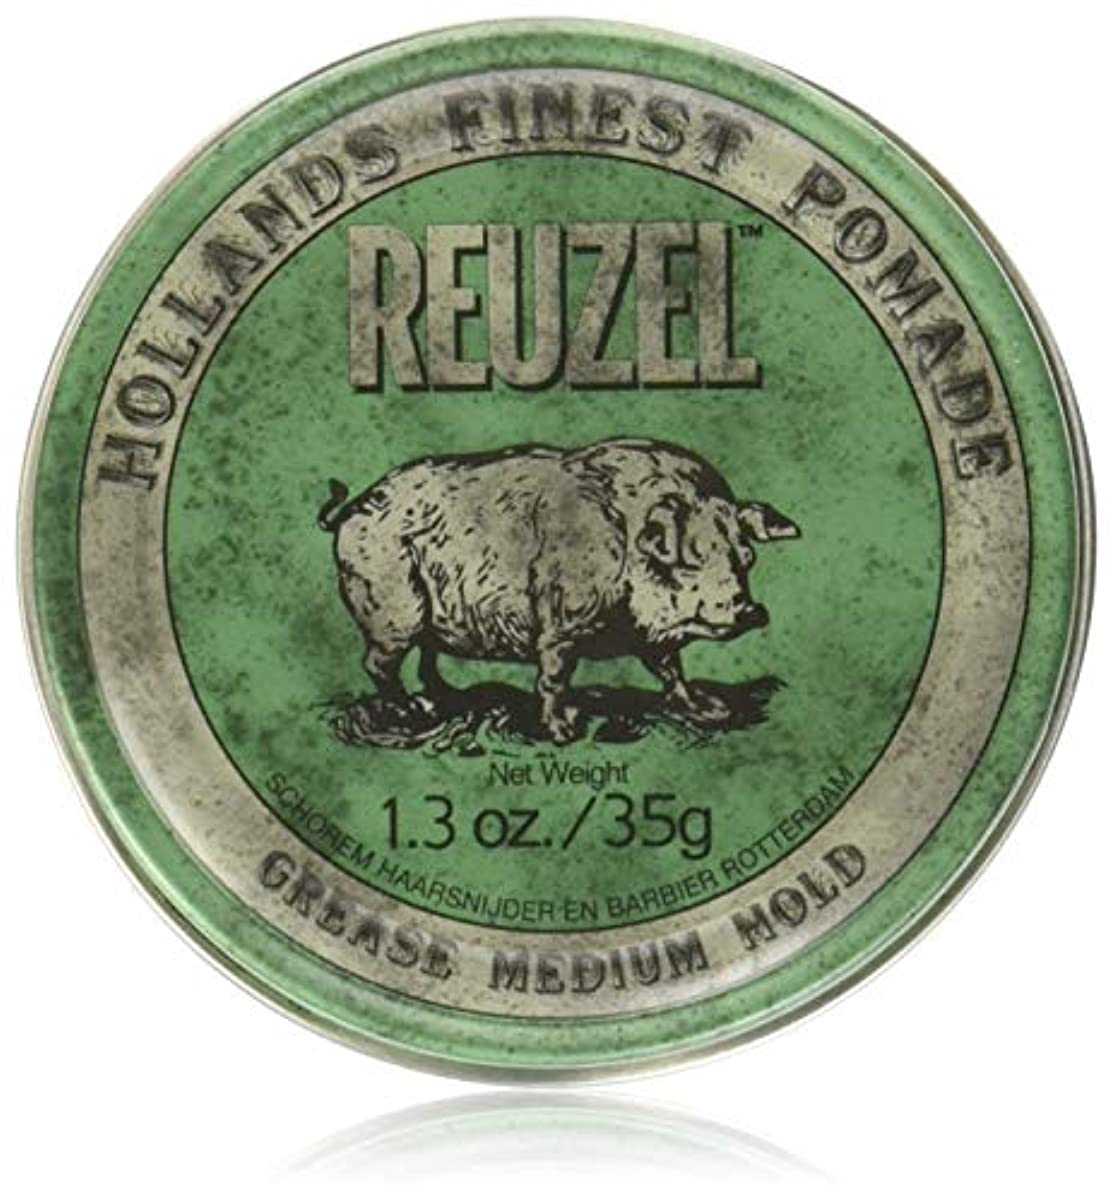 サミュエルドット七面鳥REUZEL Grease Hold Hair Styling Pomade Piglet Wax/Gel, Medium, Green, 1.3 oz, 35g by REUZEL